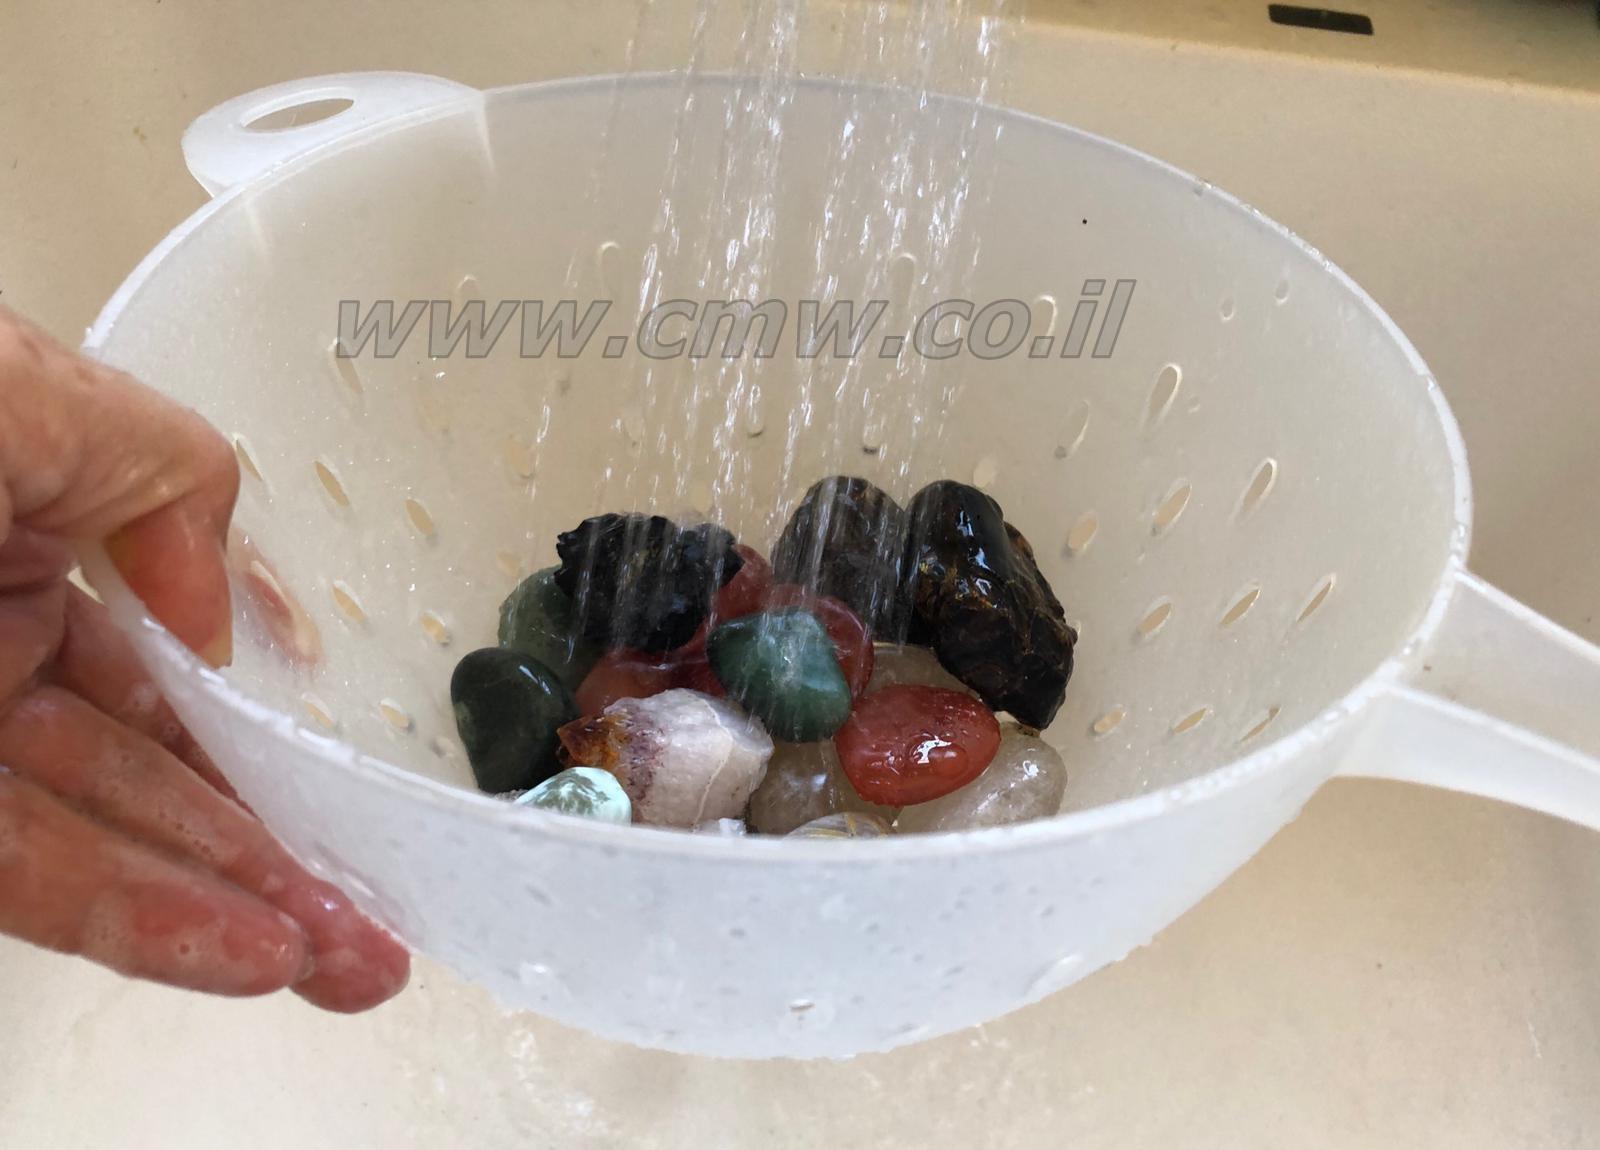 שטיפה קצרה של מספר שניות במים, עבור רוב הקריסטלים זו הדרך הטובה ביותר לנקות אותן. צילום: מיכל ביאל.